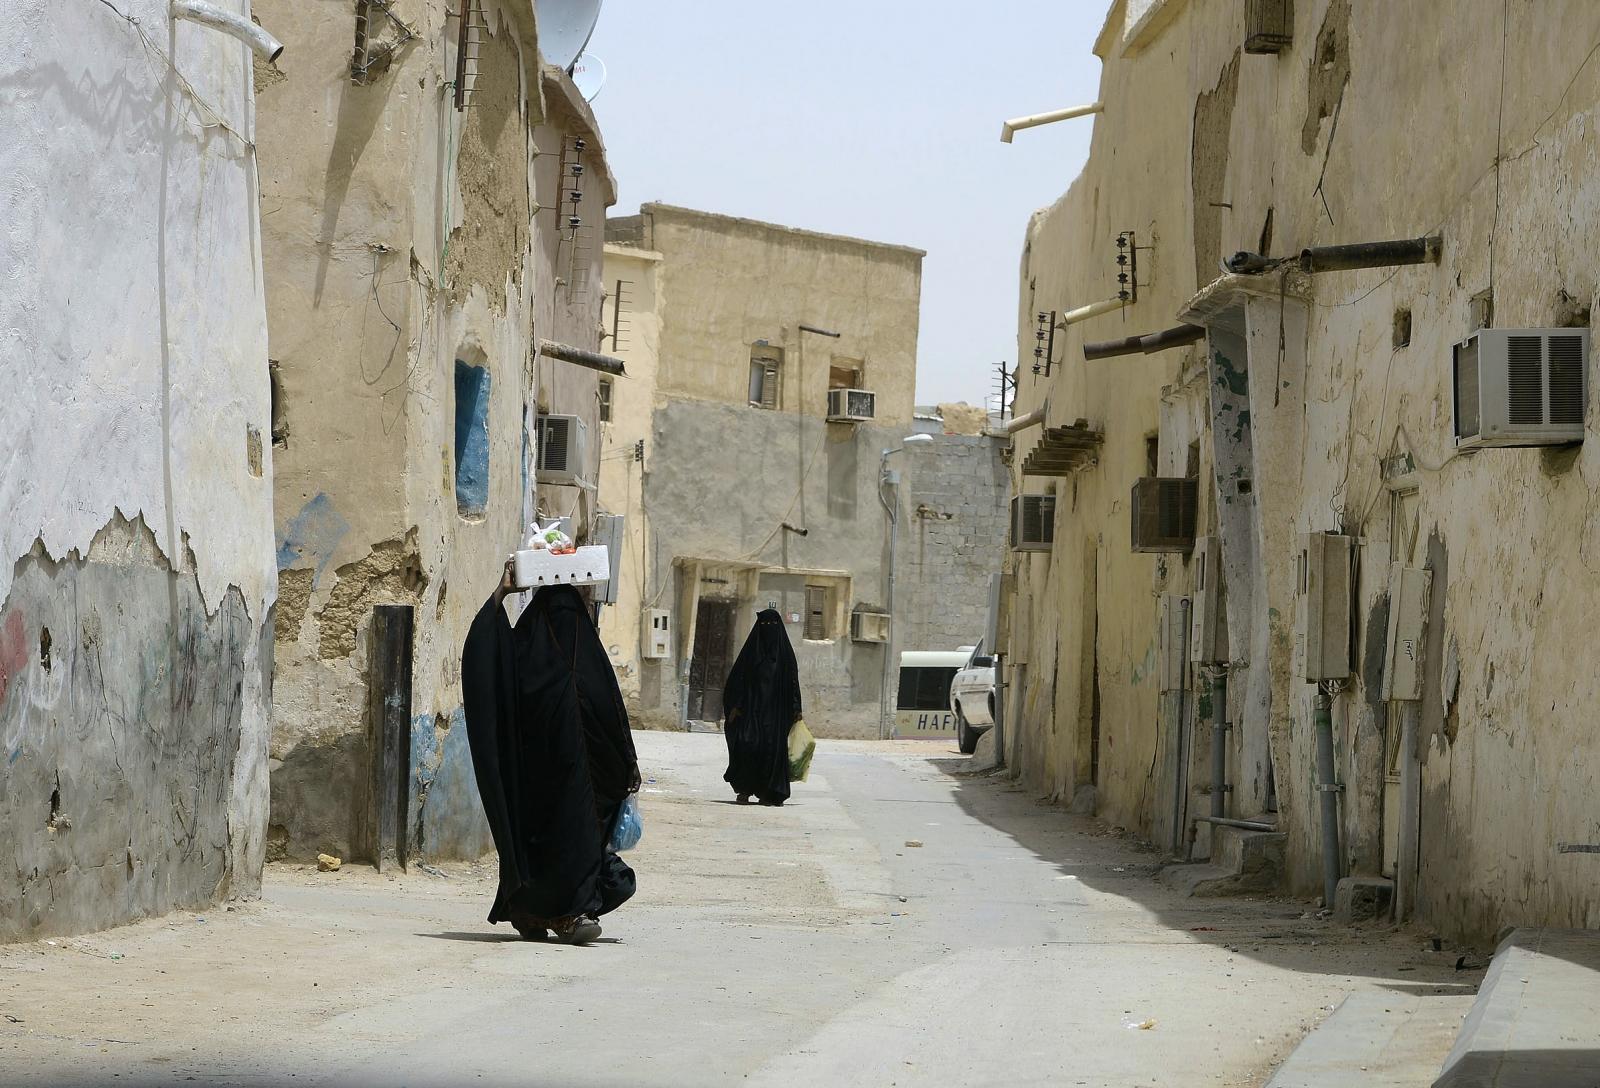 одно как живут люди в саудовской аравии фото дерева